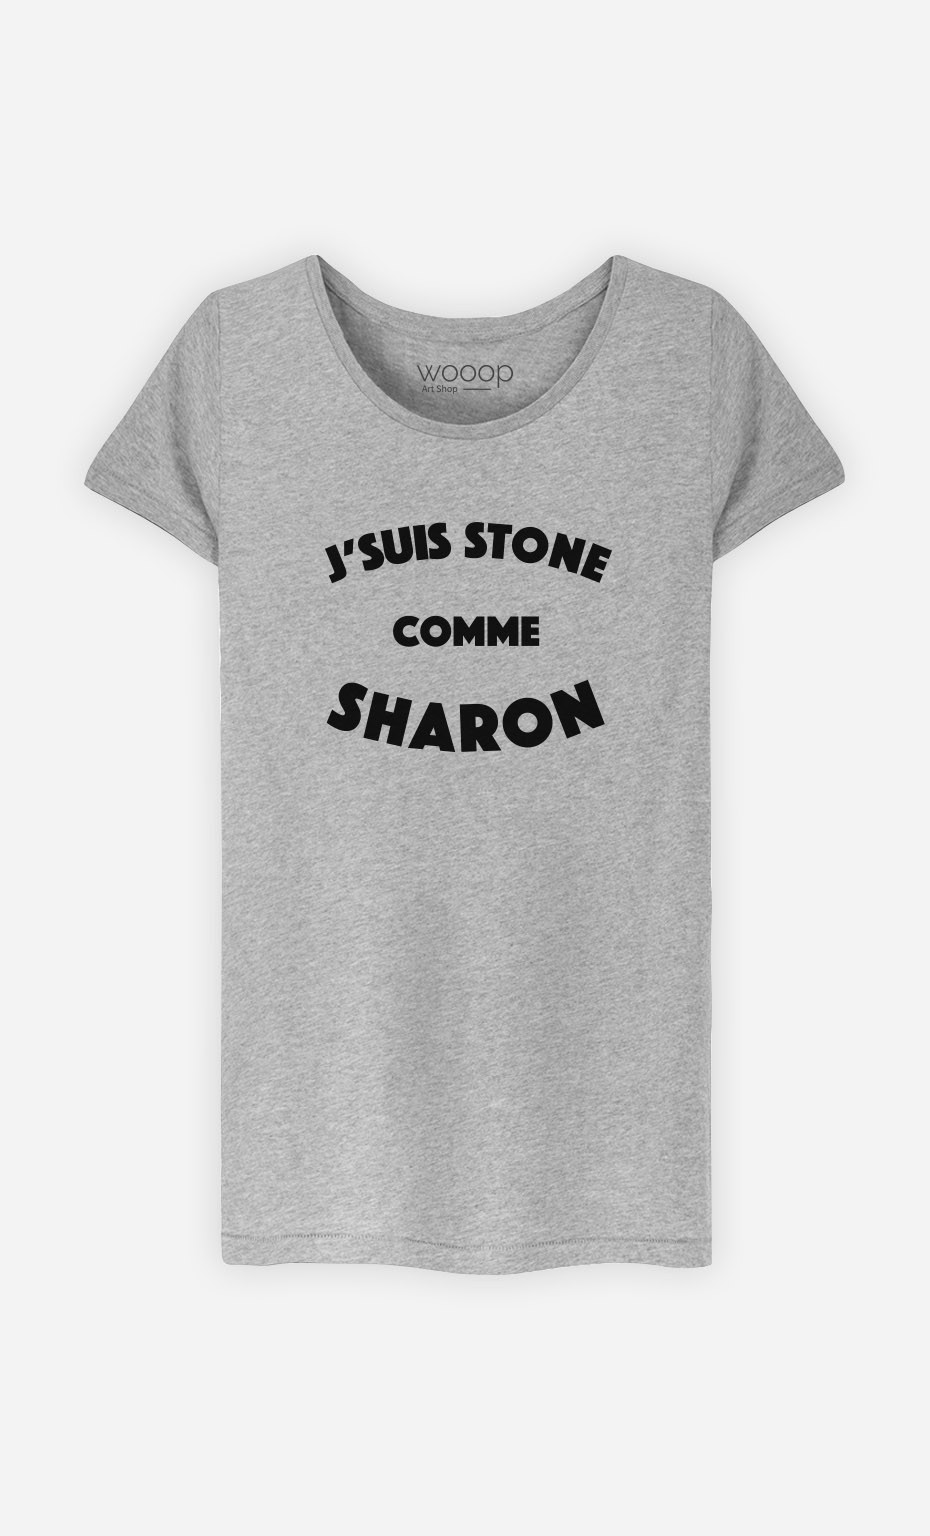 T-Shirt J'suis Stone comme Sharon